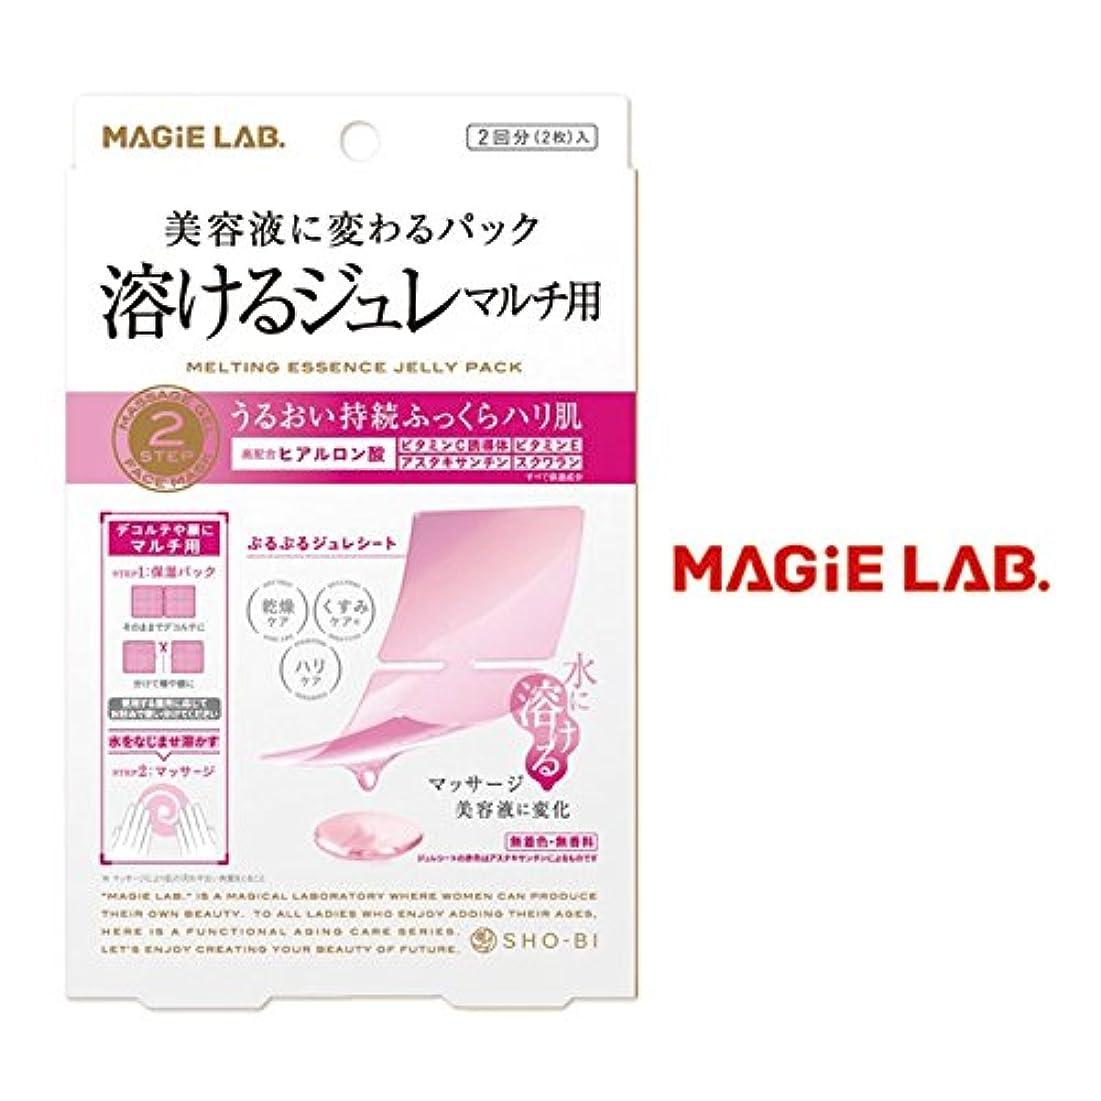 忌み嫌う君主制保険MAGiE LAB.溶けるジュレ マルチ用2回分(2枚)入 MG22103